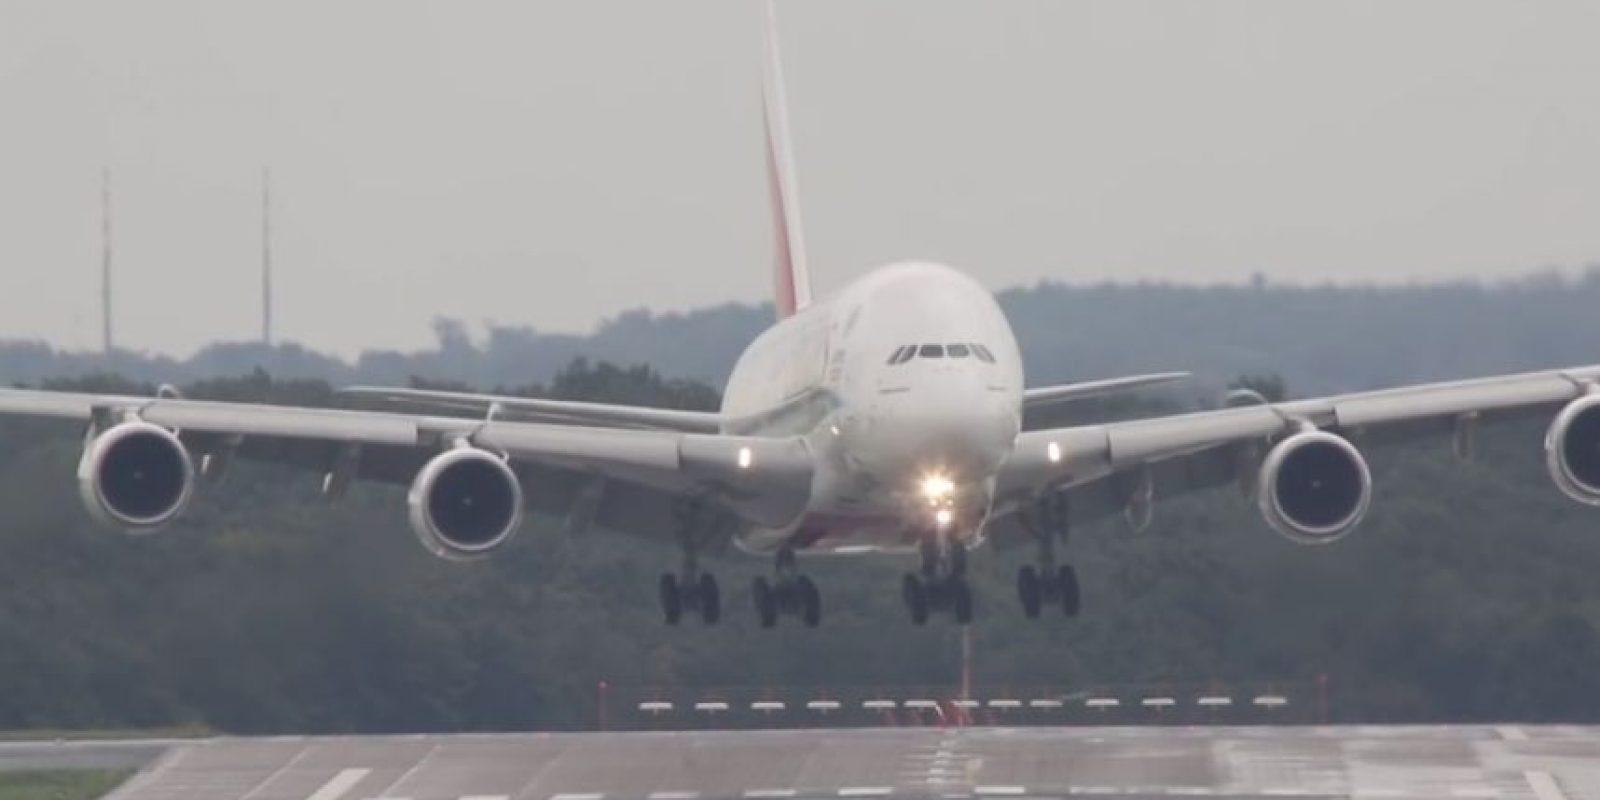 En septiembre el avión de pasajeros más grande del mundo se enfrentó a fuertes corrientes de viento en el aeropuerto de Düsseldorf, Alemania. Foto:Vía Youtube